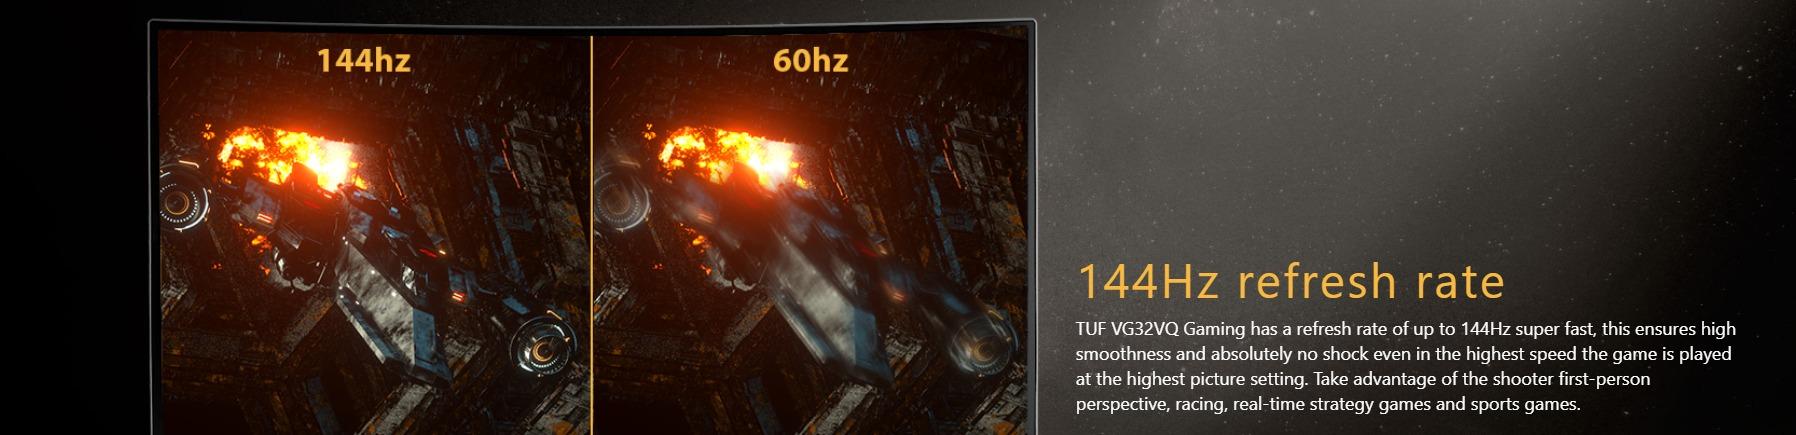 Màn hình Asus TUF VG32VQ 144hz